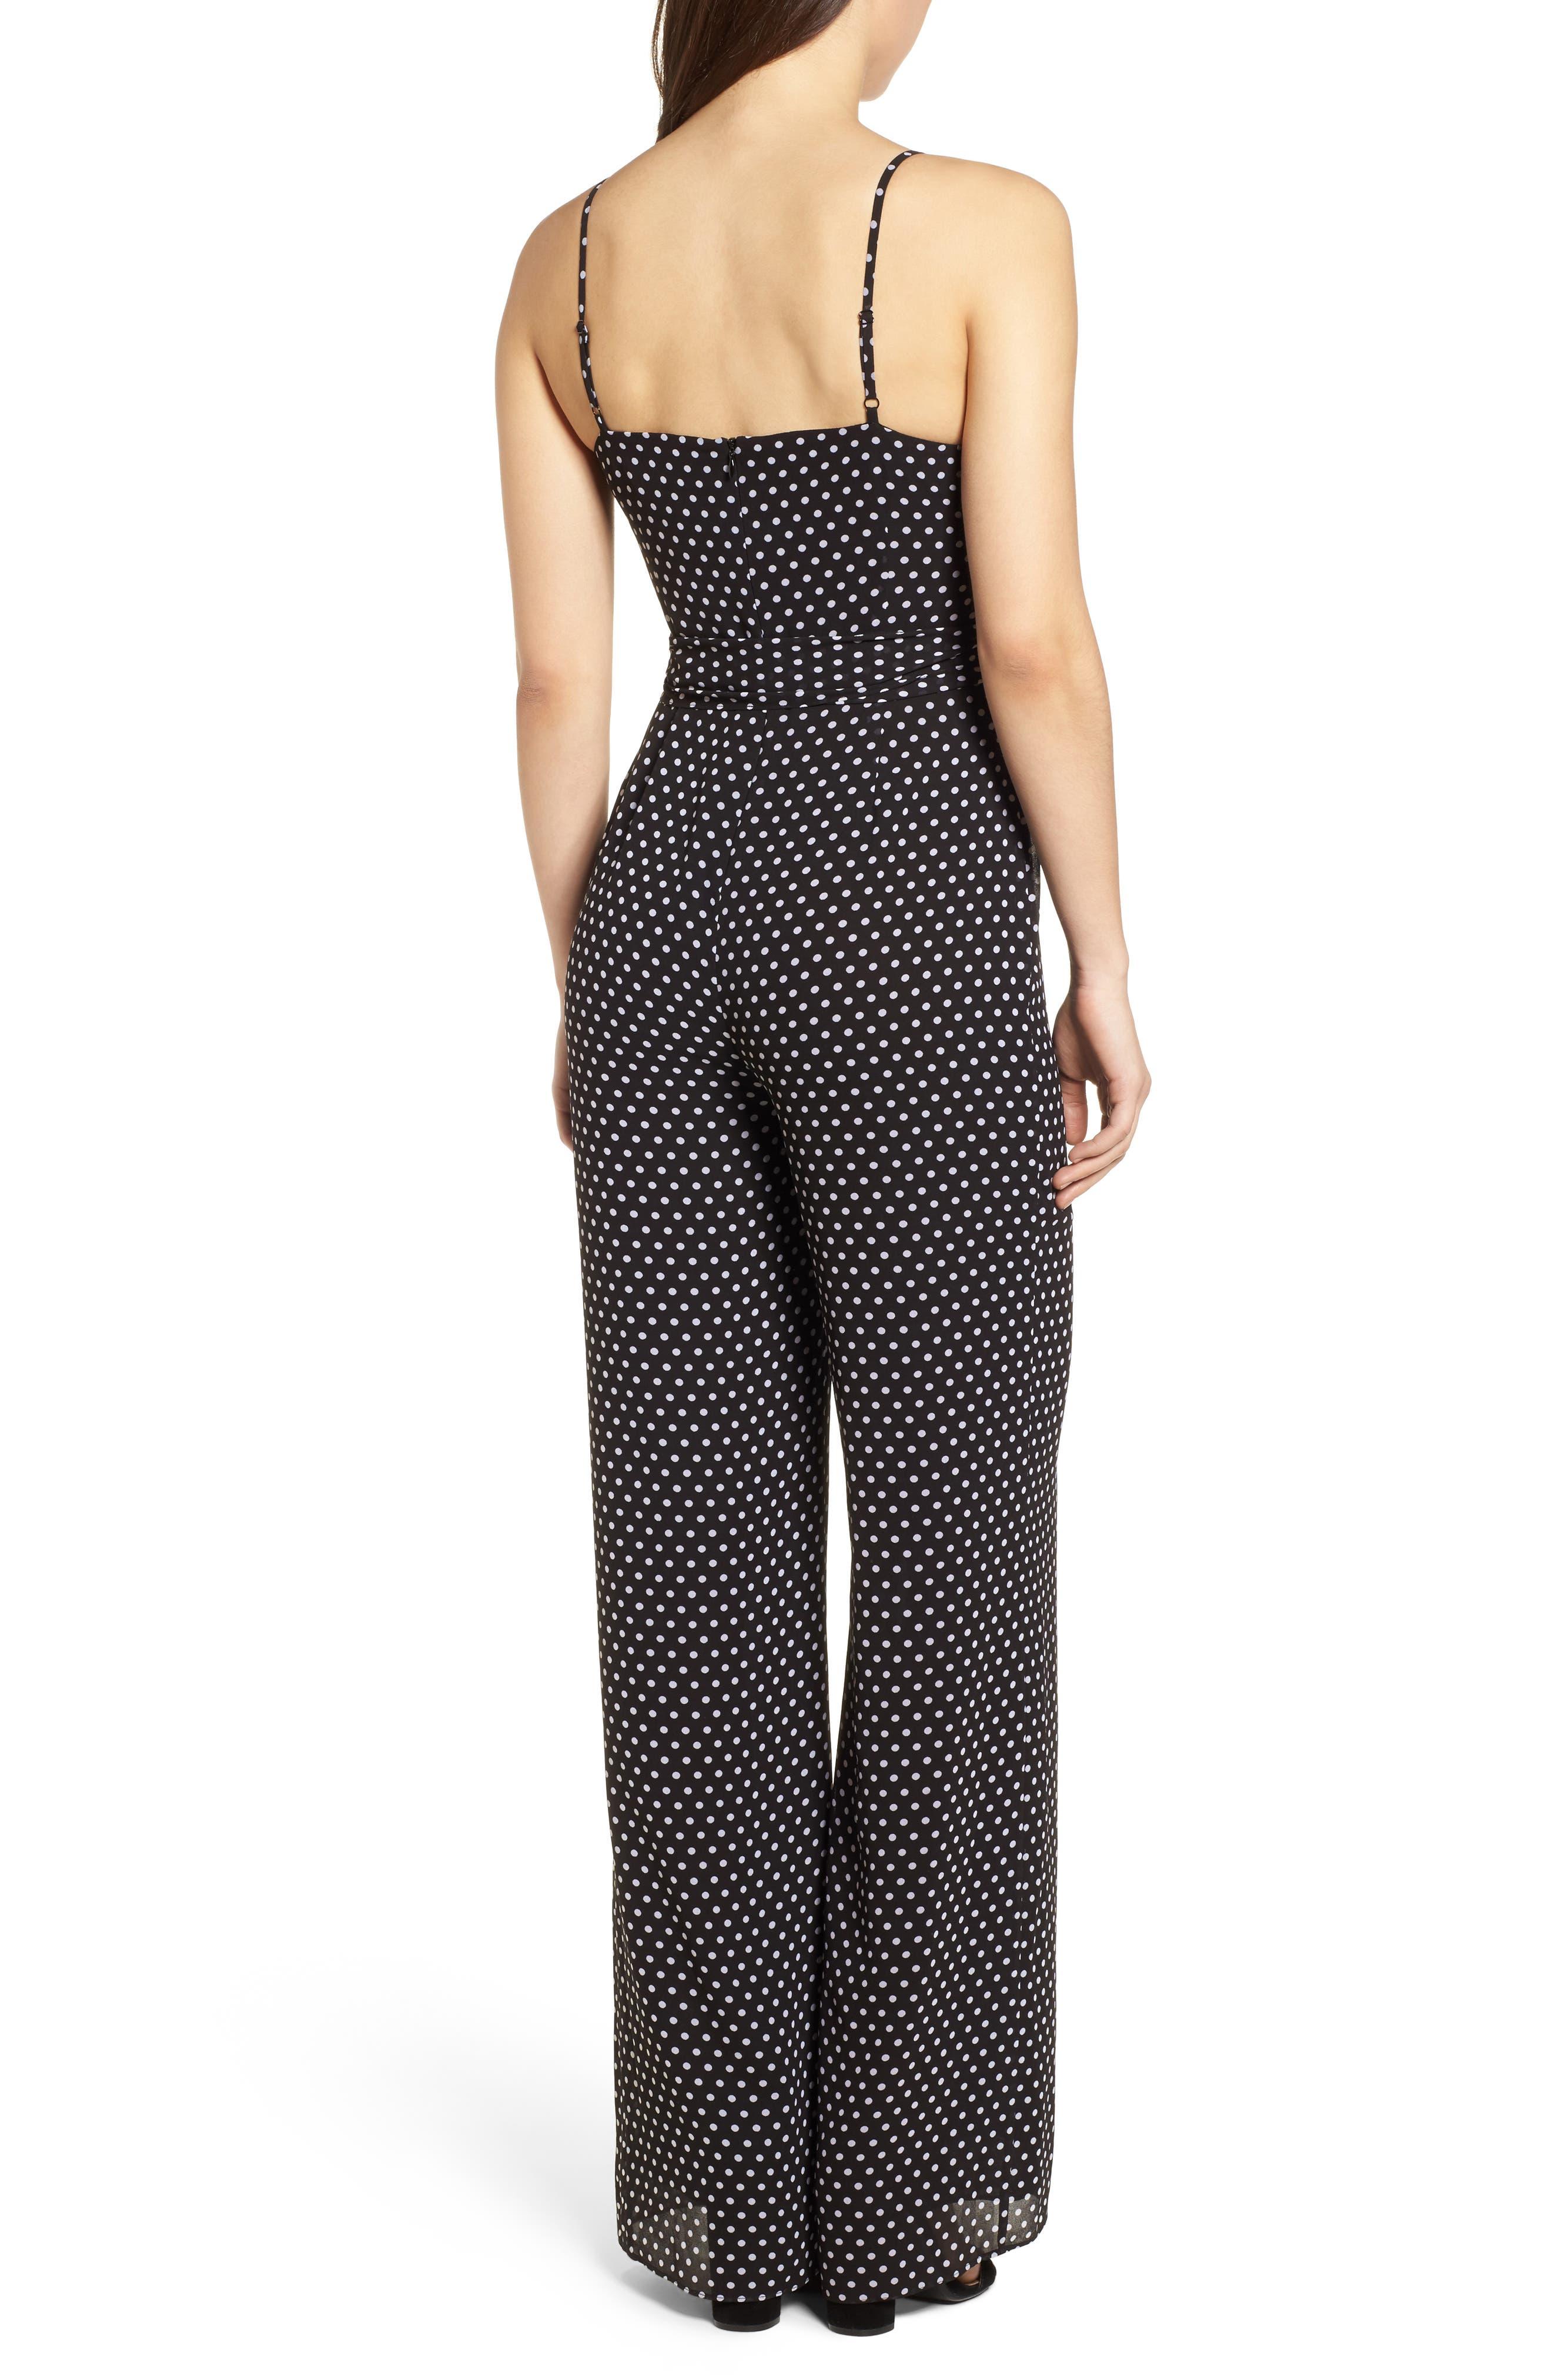 Simple Dot Side Tie Jumpsuit,                             Alternate thumbnail 2, color,                             Black/ White